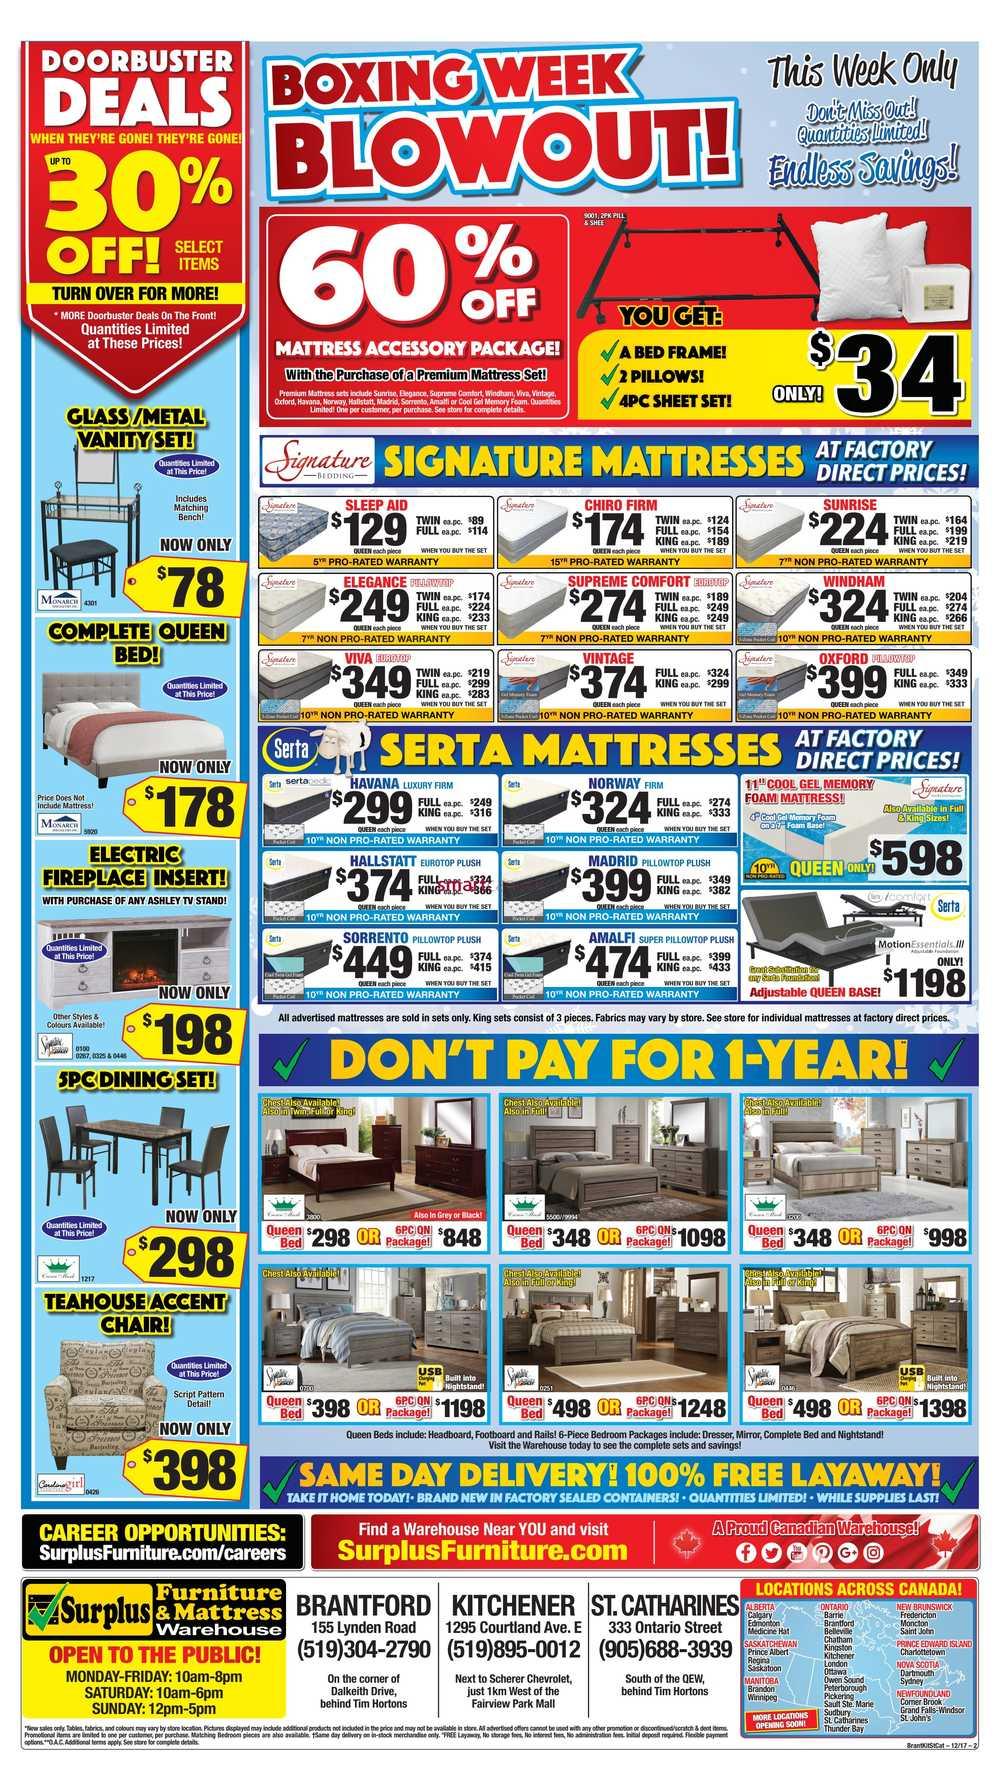 Surplus Furniture & Mattress Warehouse (Kitchener) Boxing Week Flyer ...